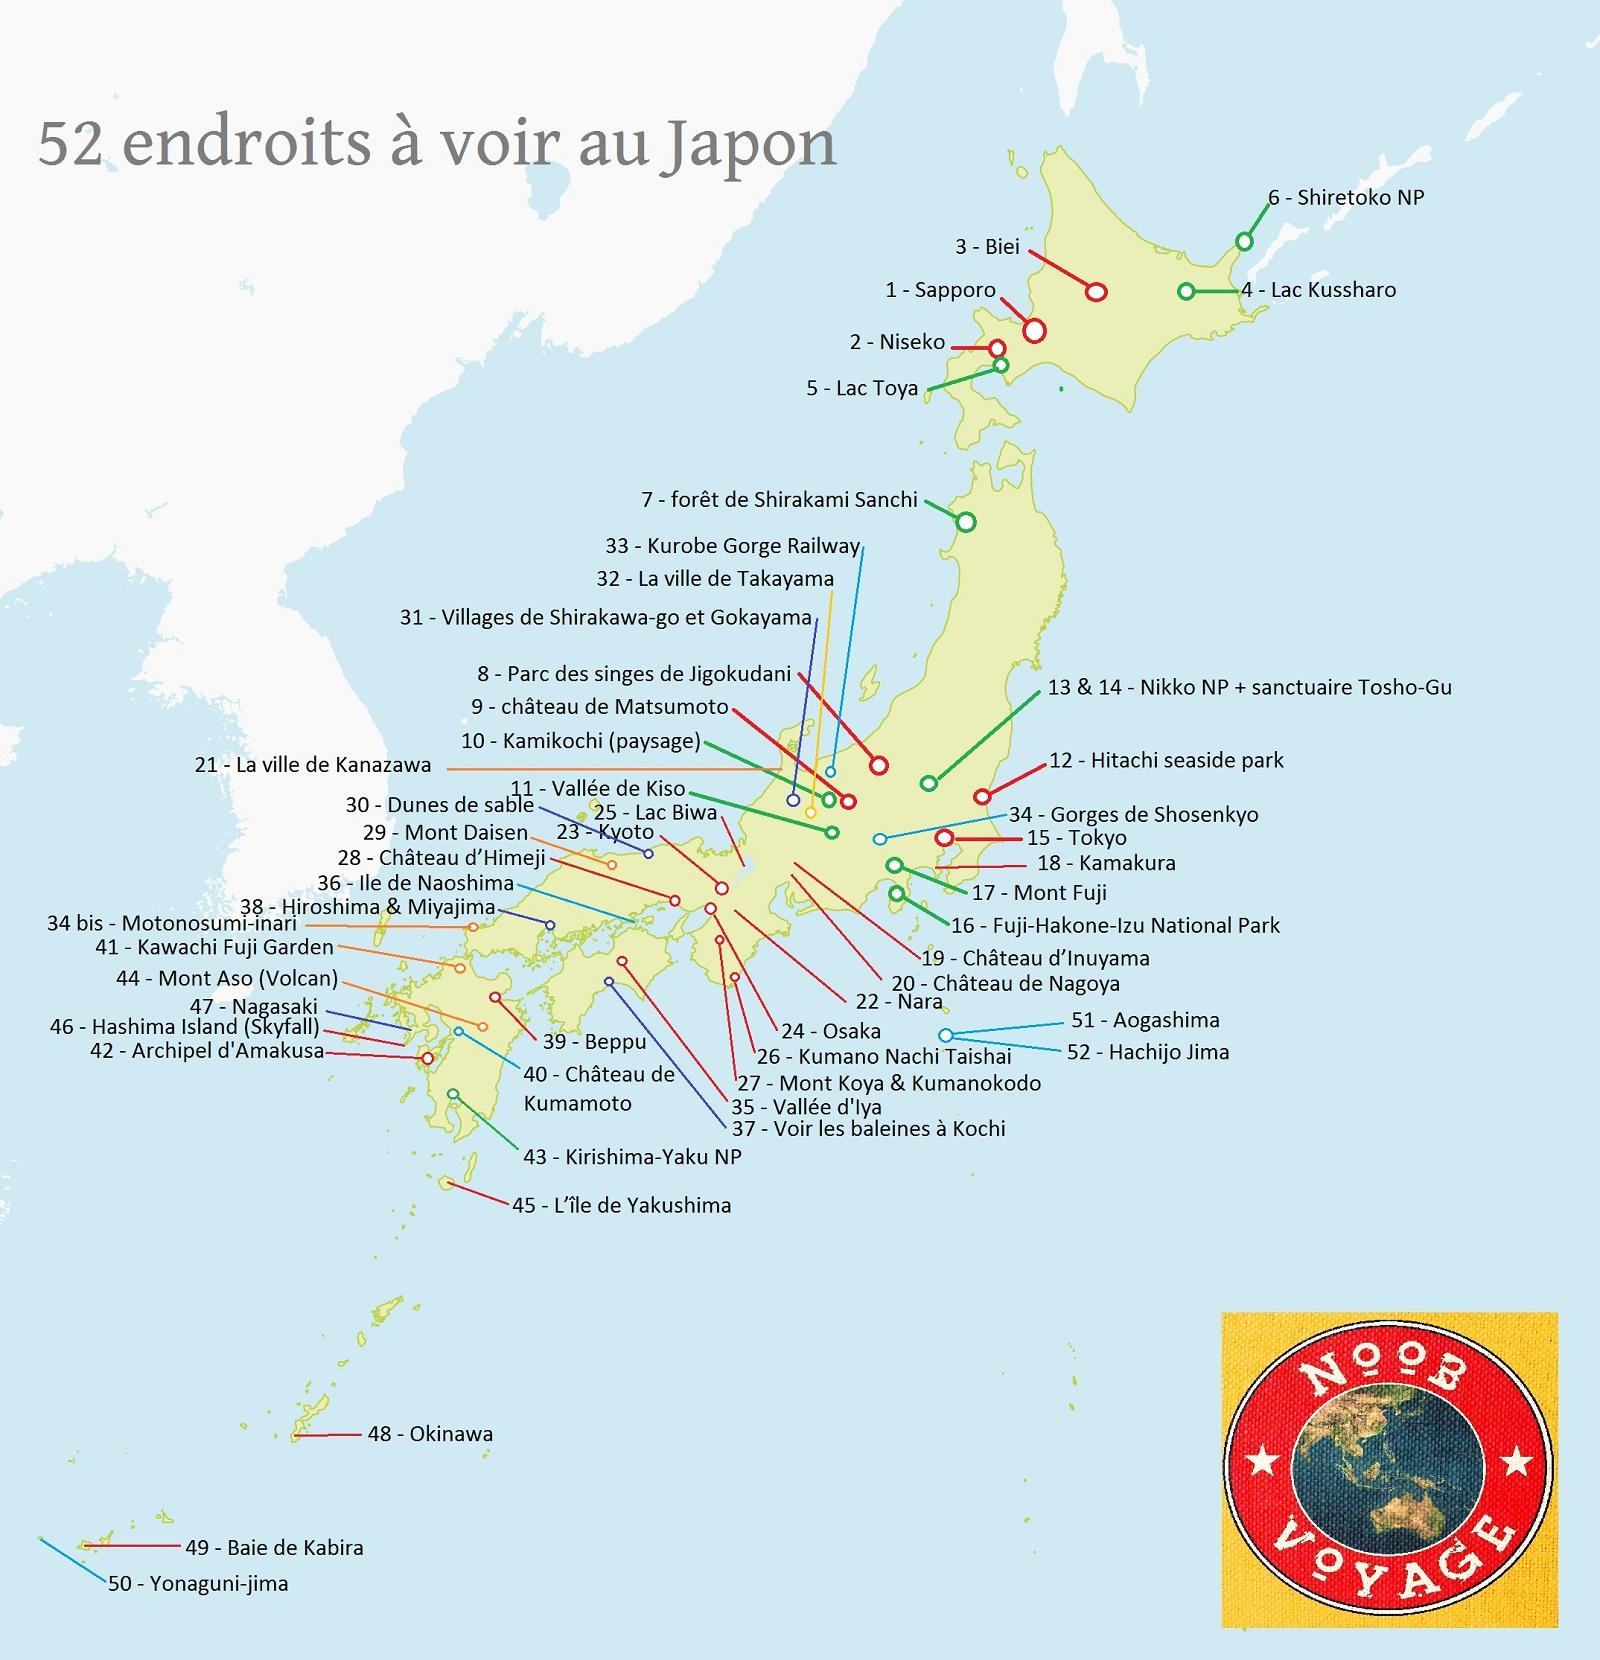 carte du japon détaillée